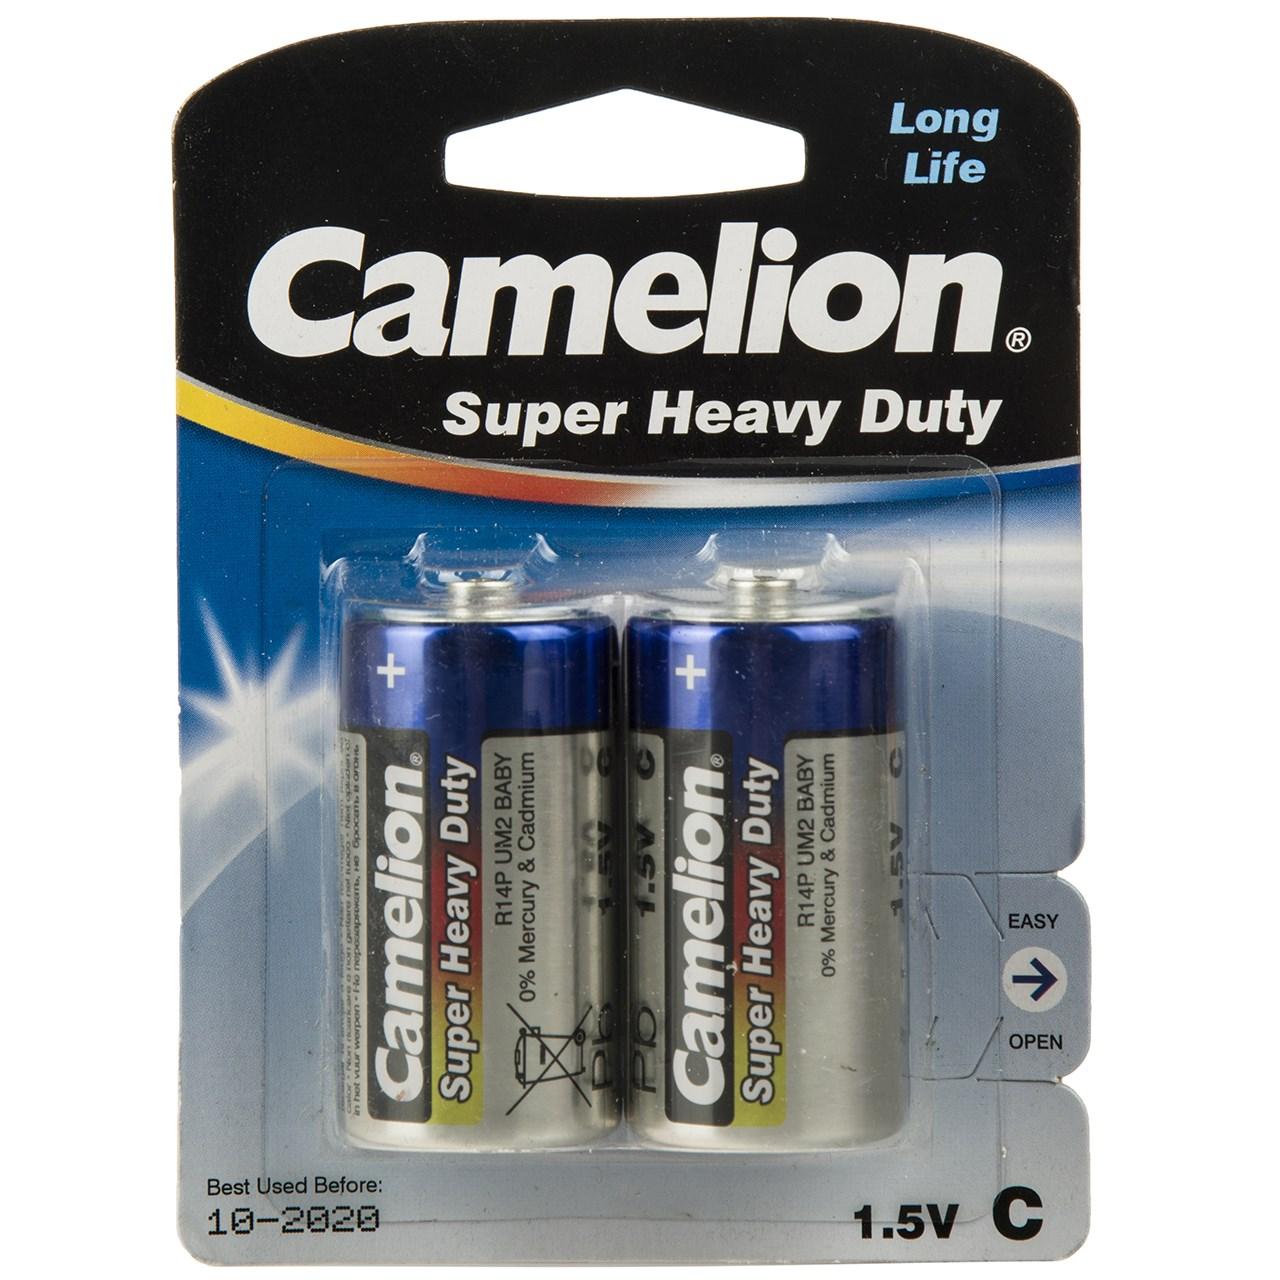 باتری C کملیون مدل Super Heavy Duty بسته 2 عددی